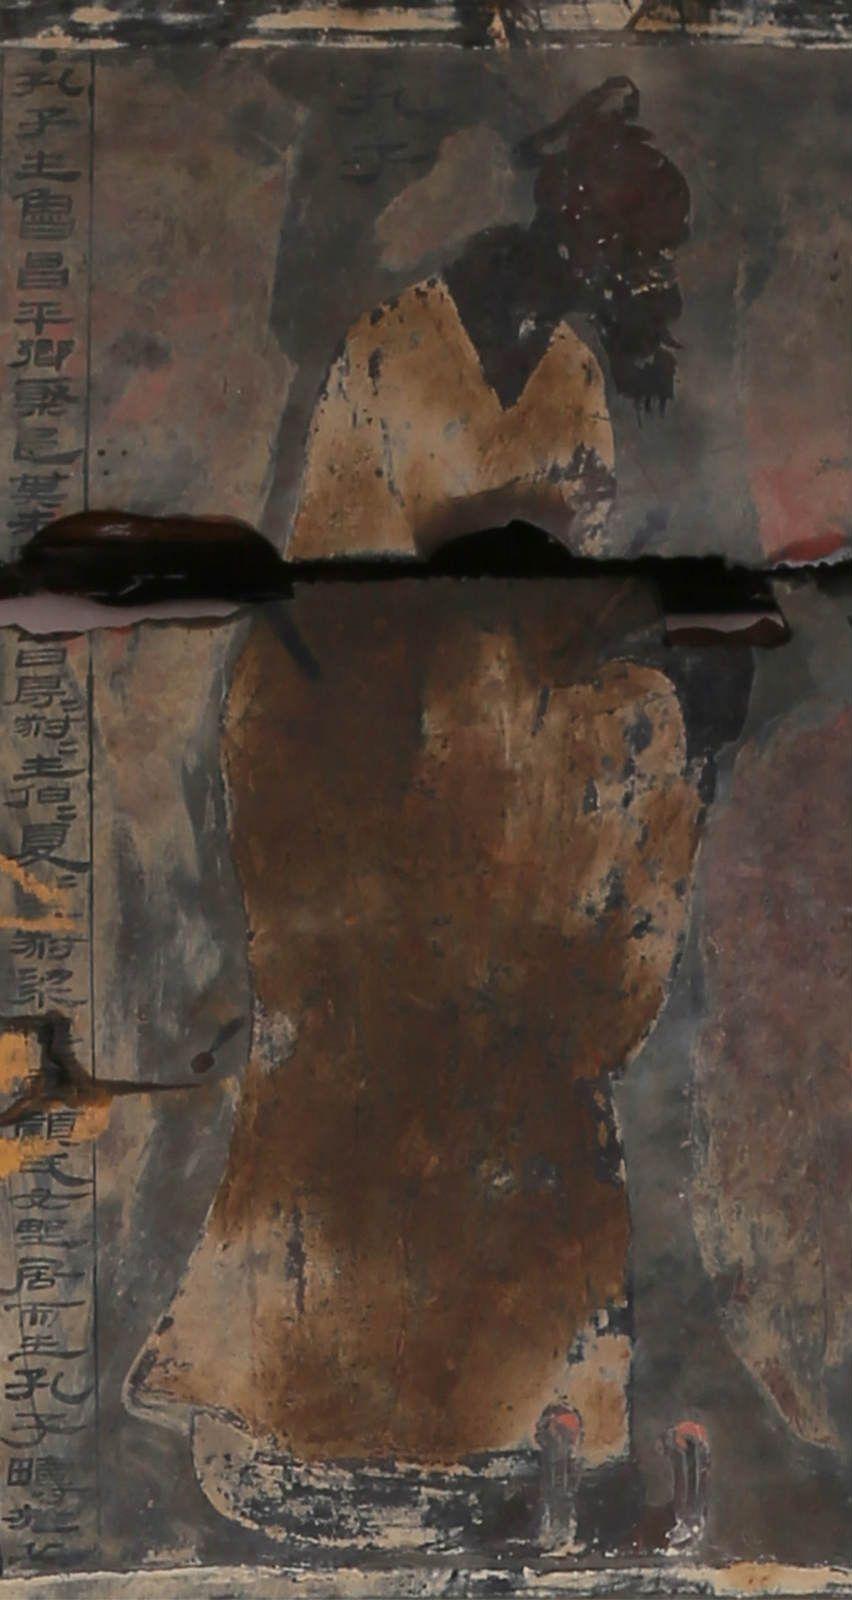 孔子野居而生、身高1.9米?海昏侯墓出的衣镜颠覆认知